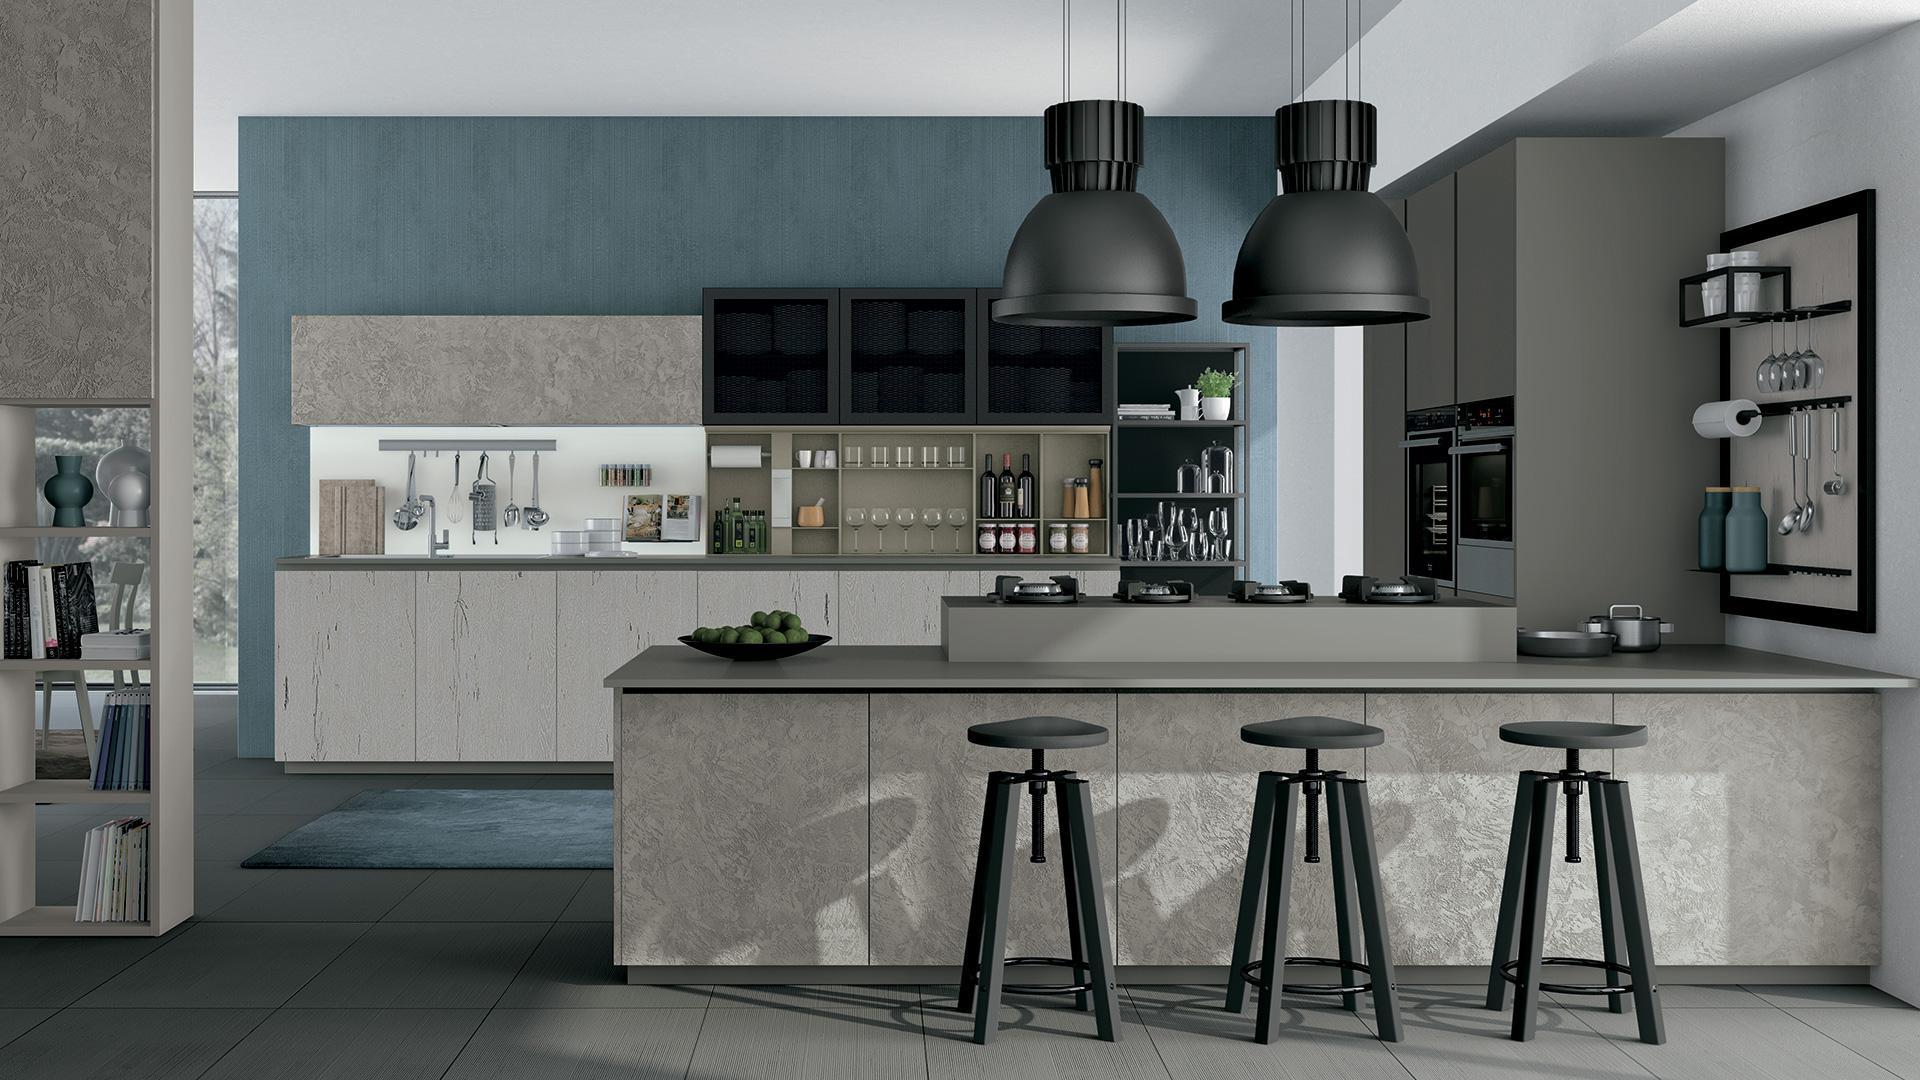 Cappa per la cucina: ecco come sceglierla - Lube Store Milano - Le ...